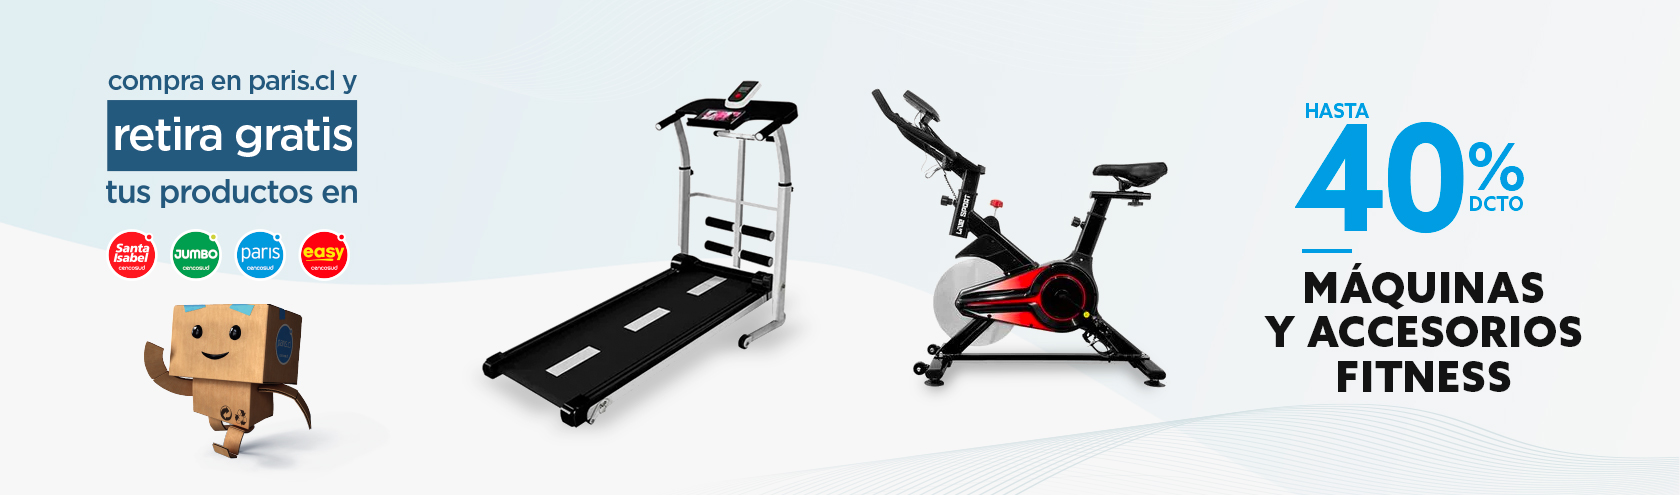 Hasta 40% dcto en máquinas y accesorios fitness